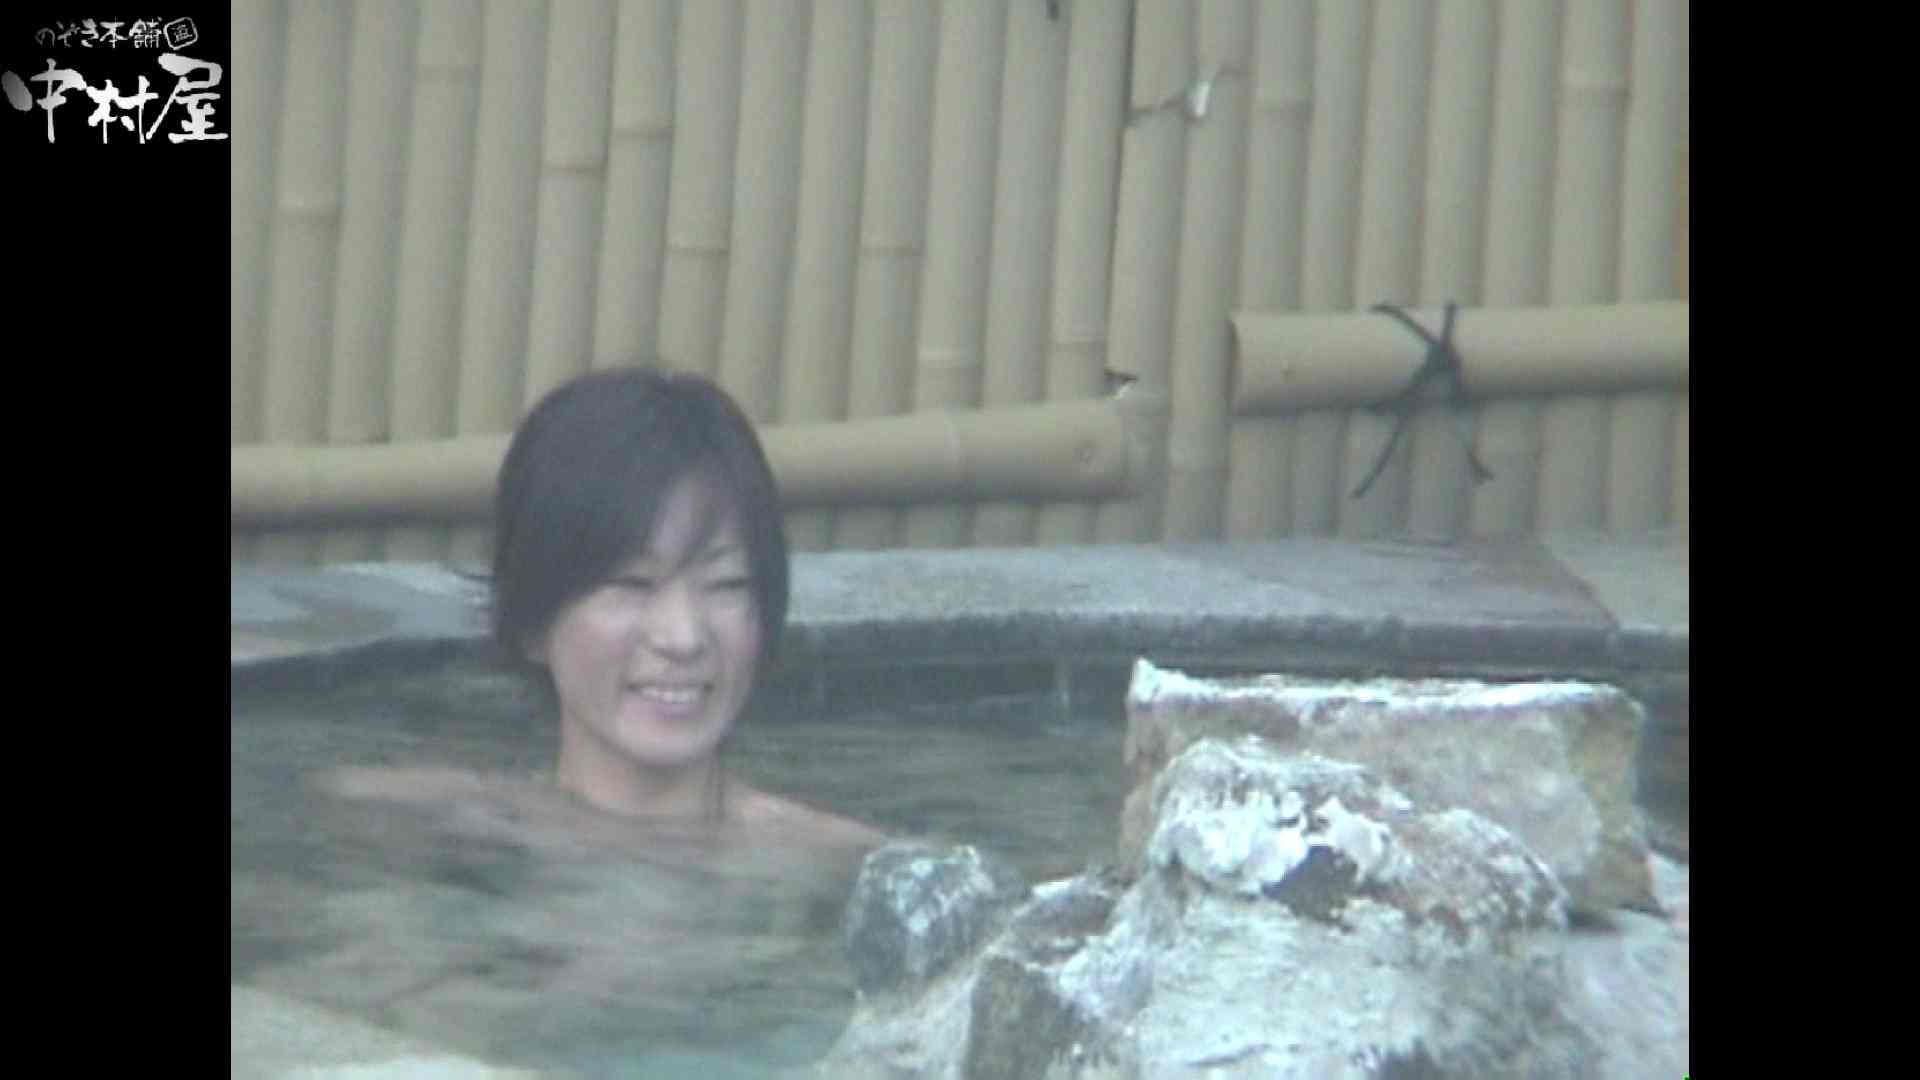 Aquaな露天風呂Vol.972 OLのエロ生活  105連発 42